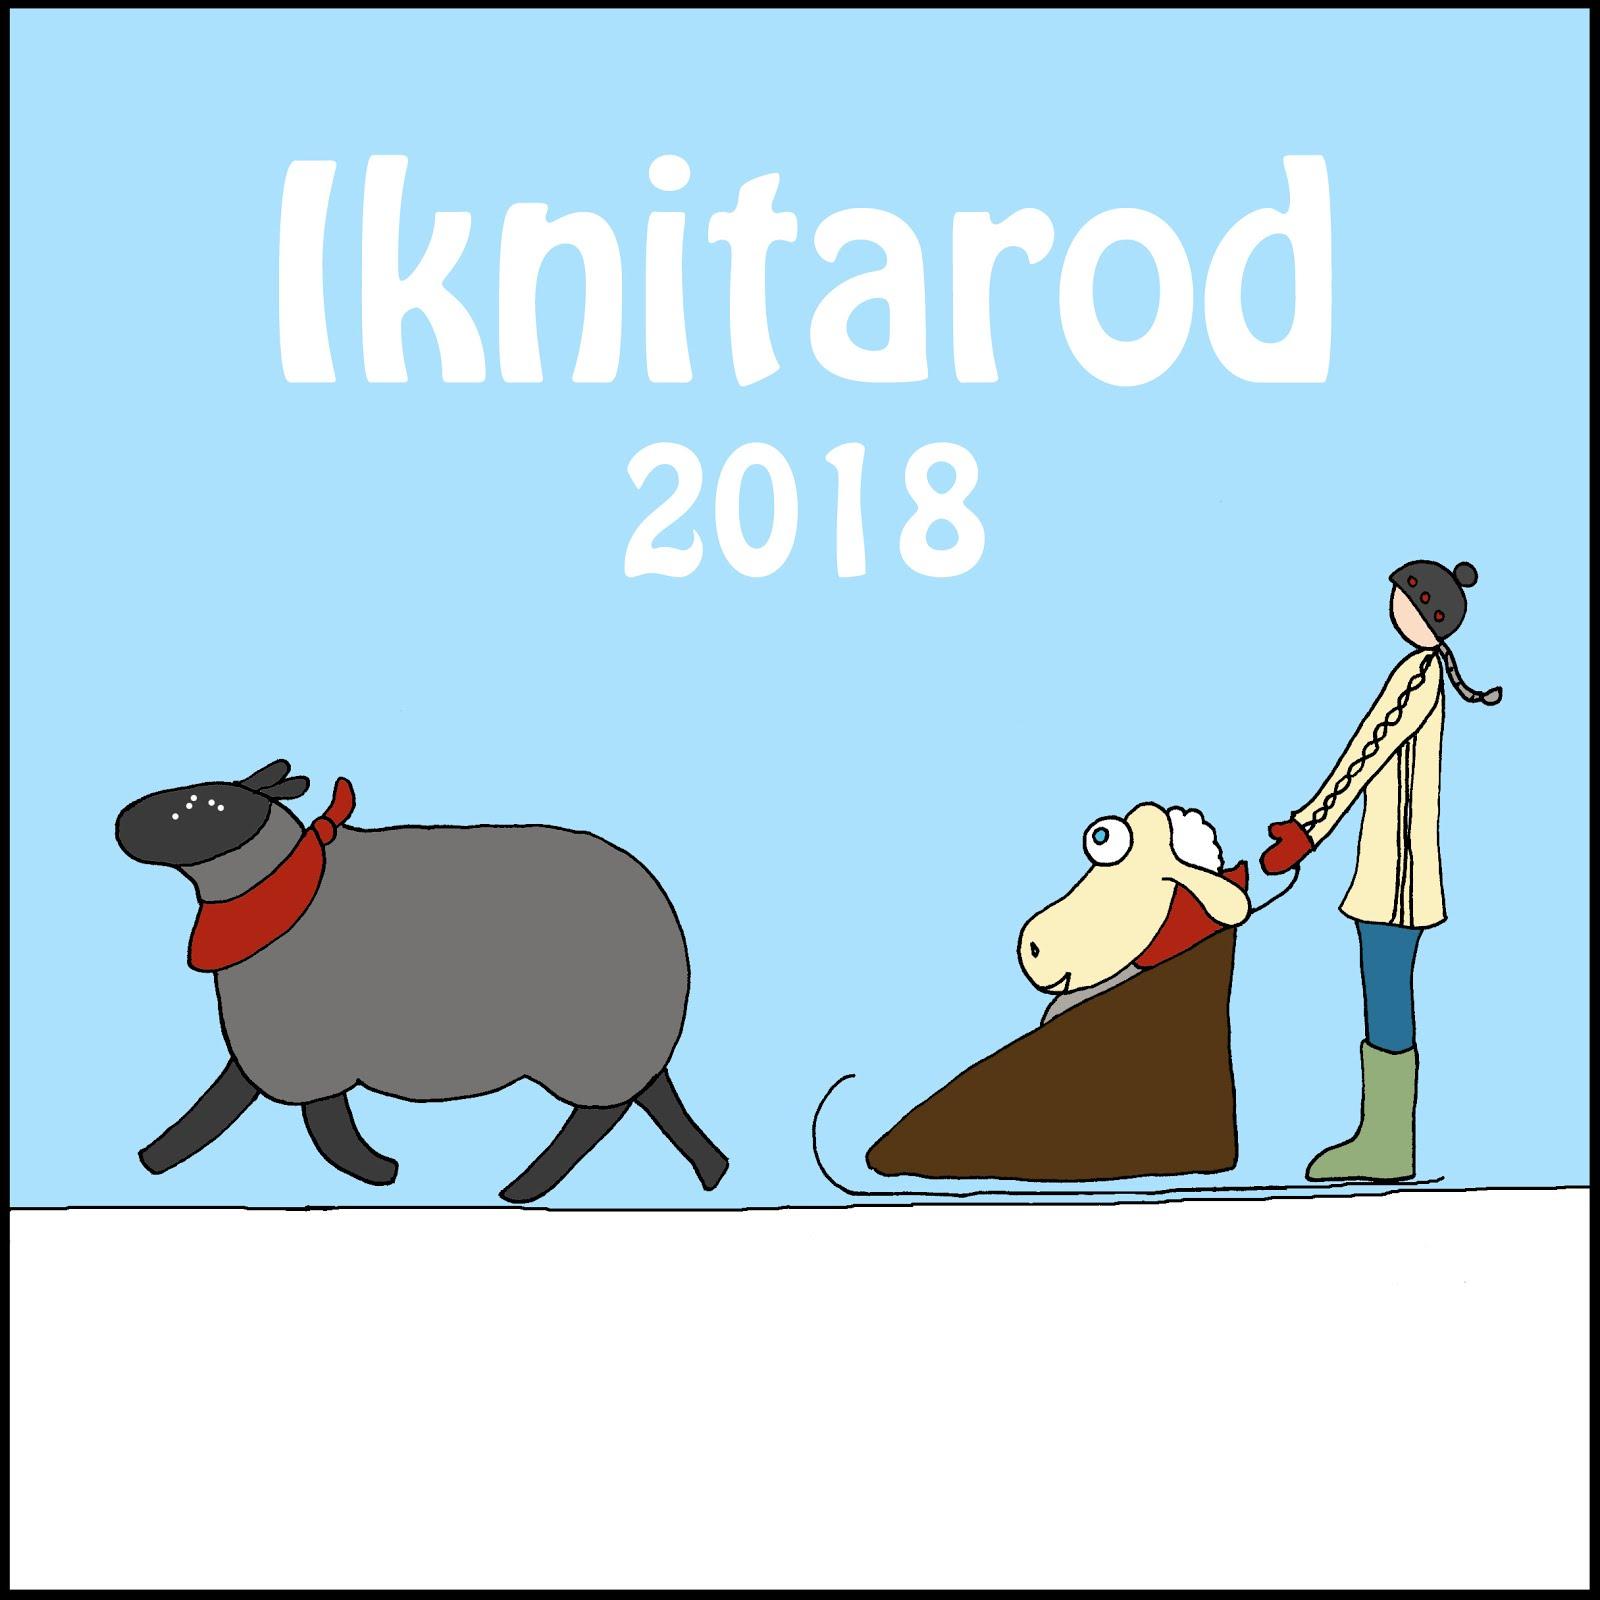 2018 Iknitarod